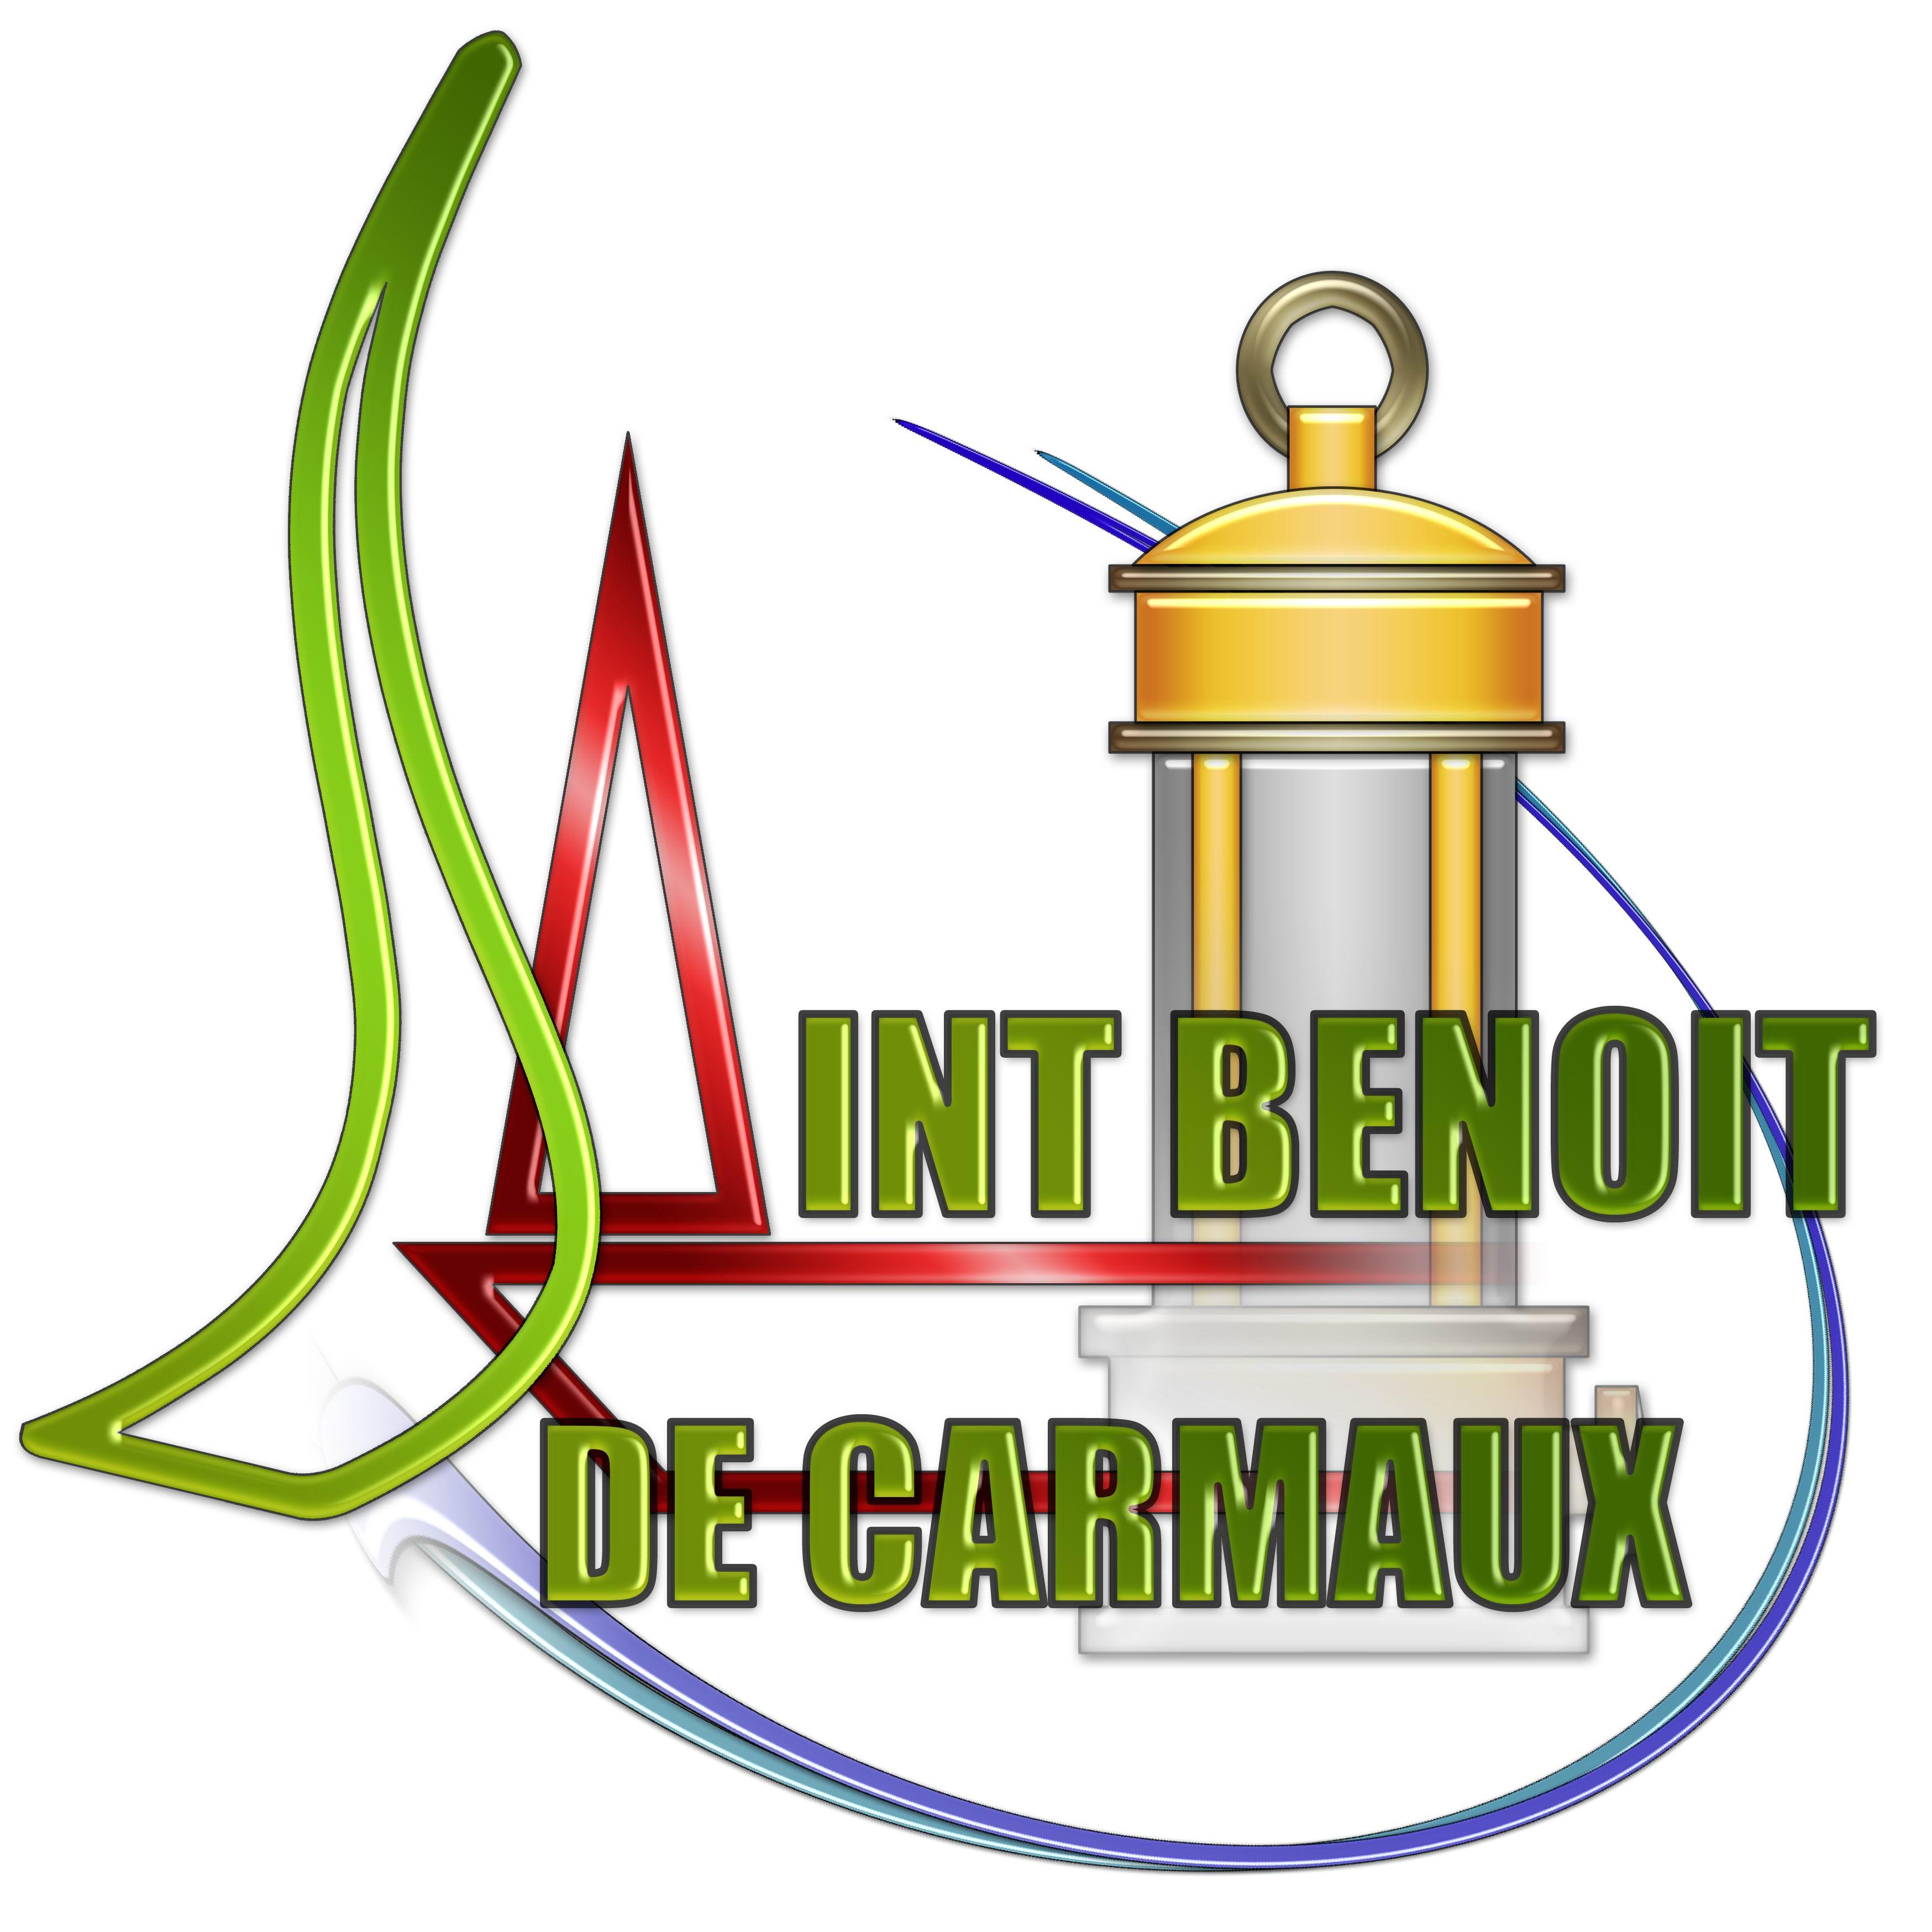 Commune de Saint-Benoît-de-Carmaux